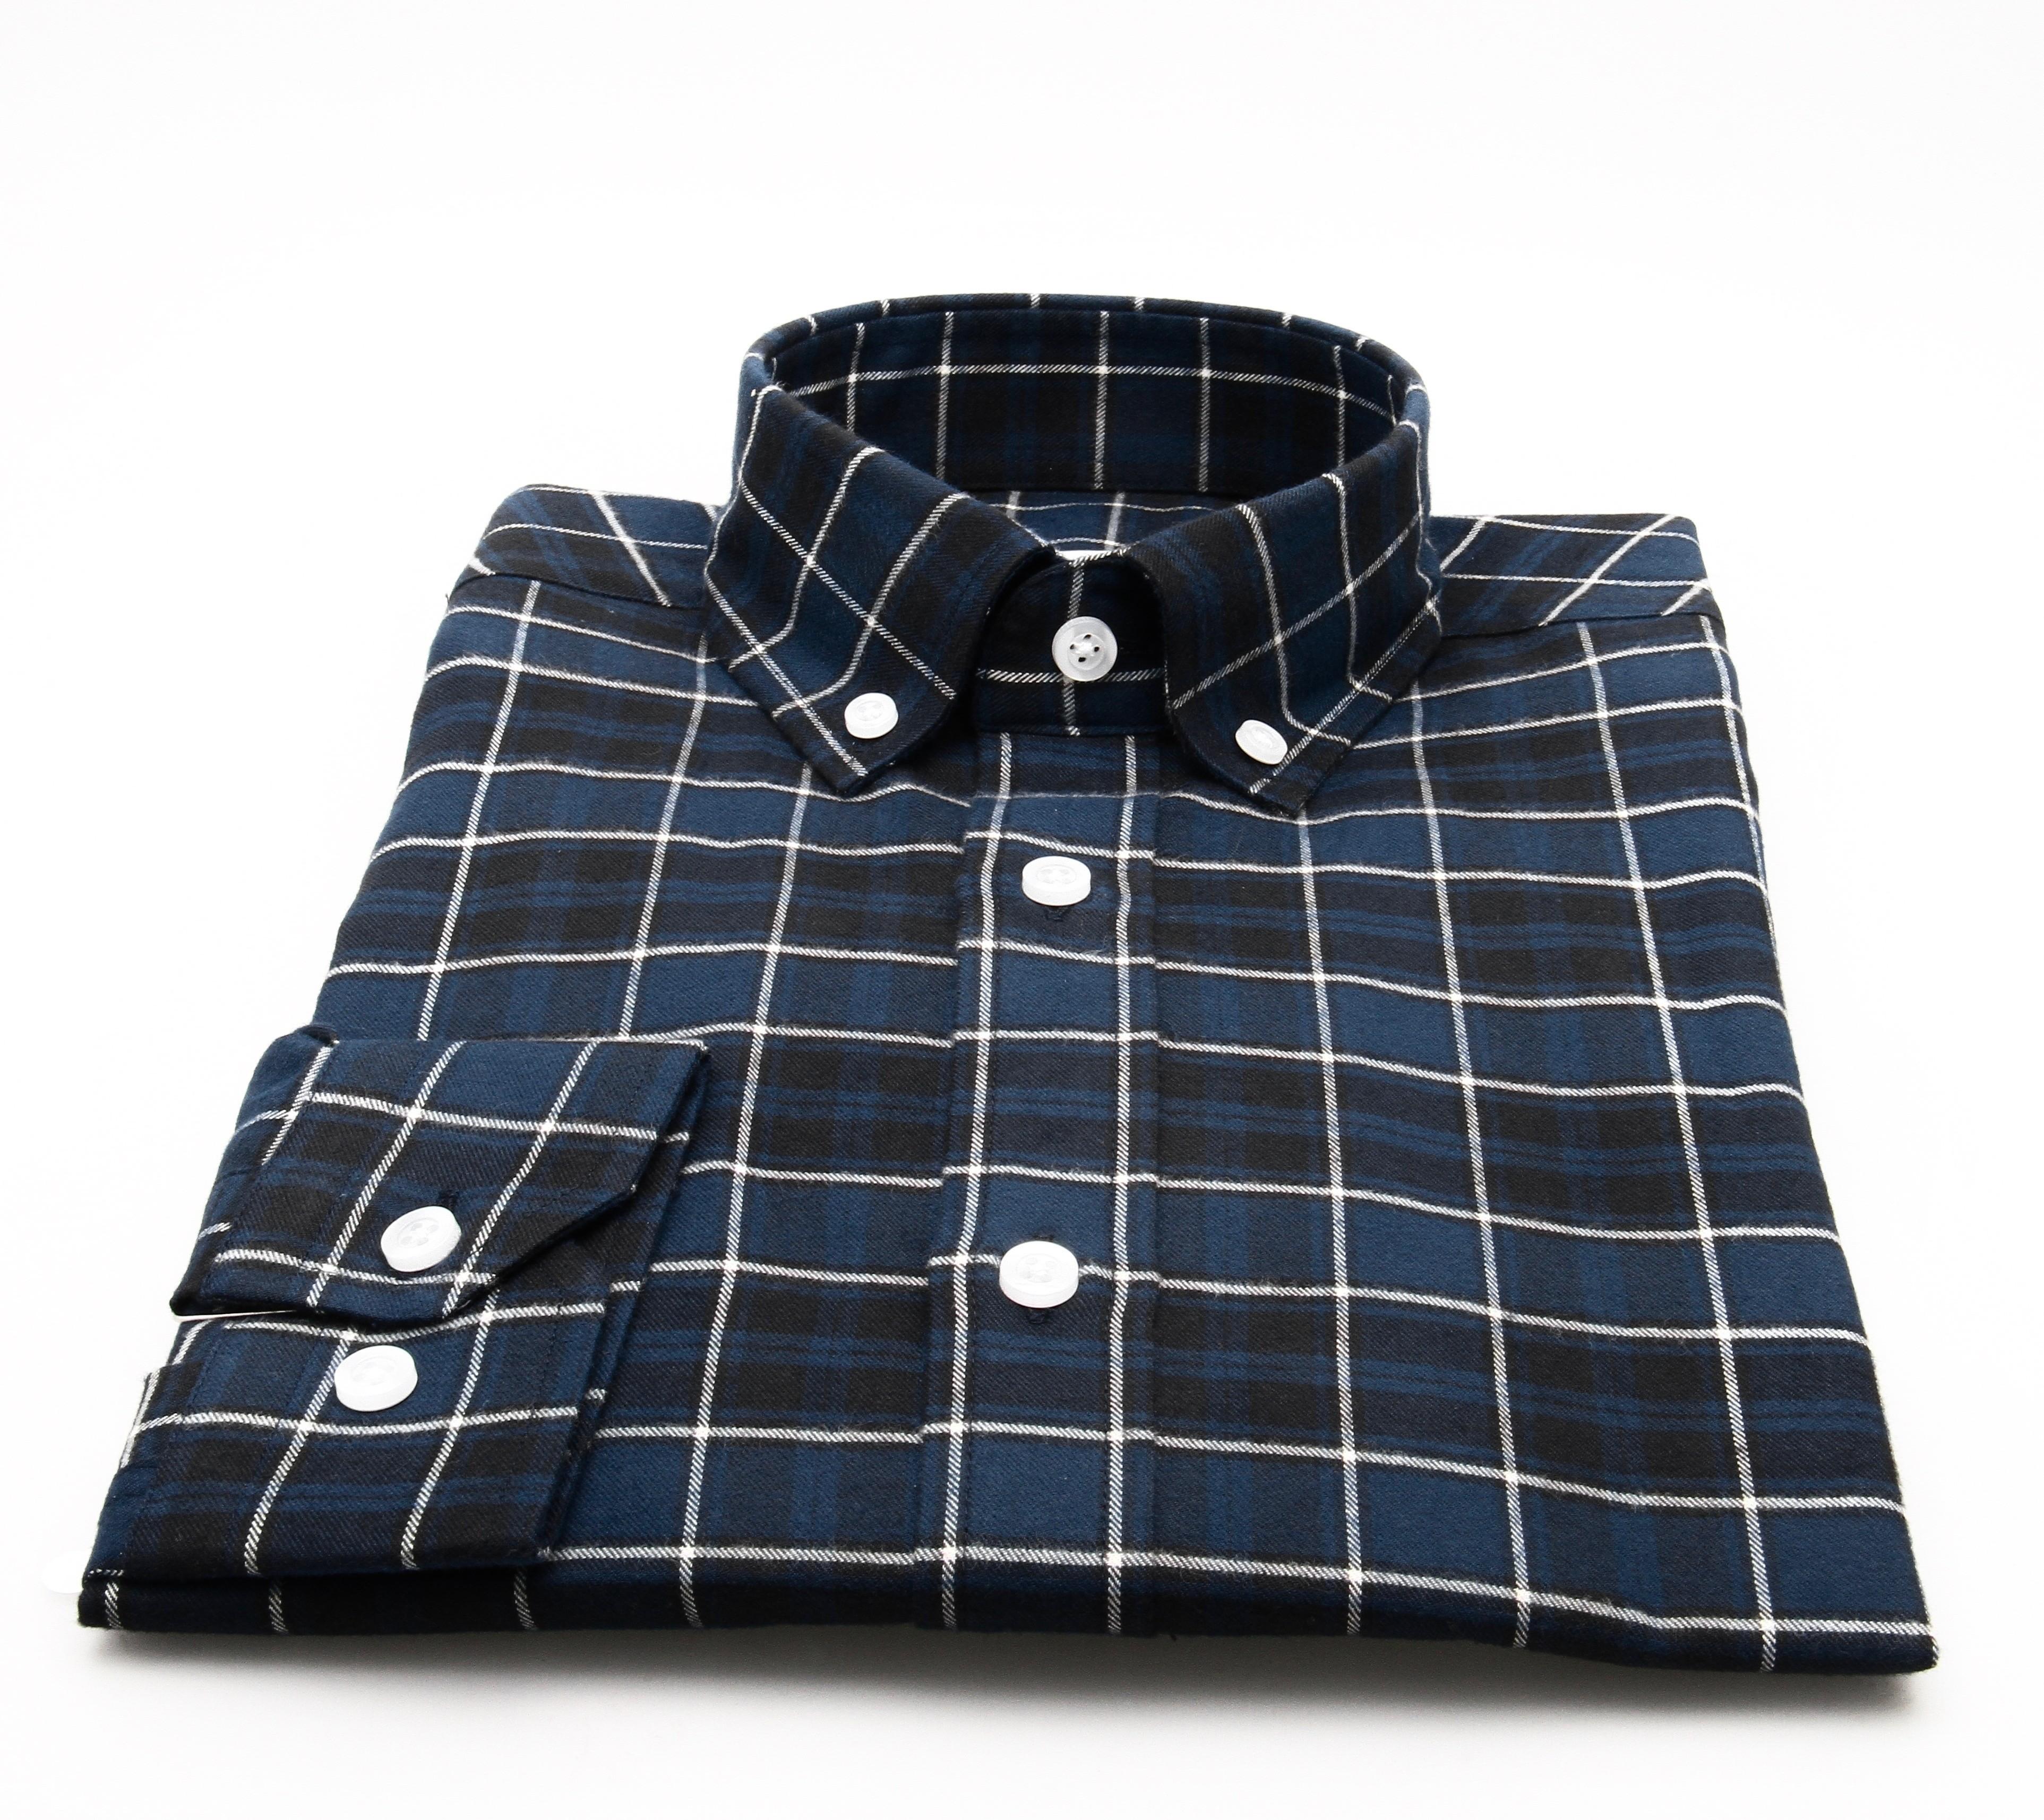 Chemise Winter Vermont : Carreaux marines bleus et blancs - Flanelle (chemise)